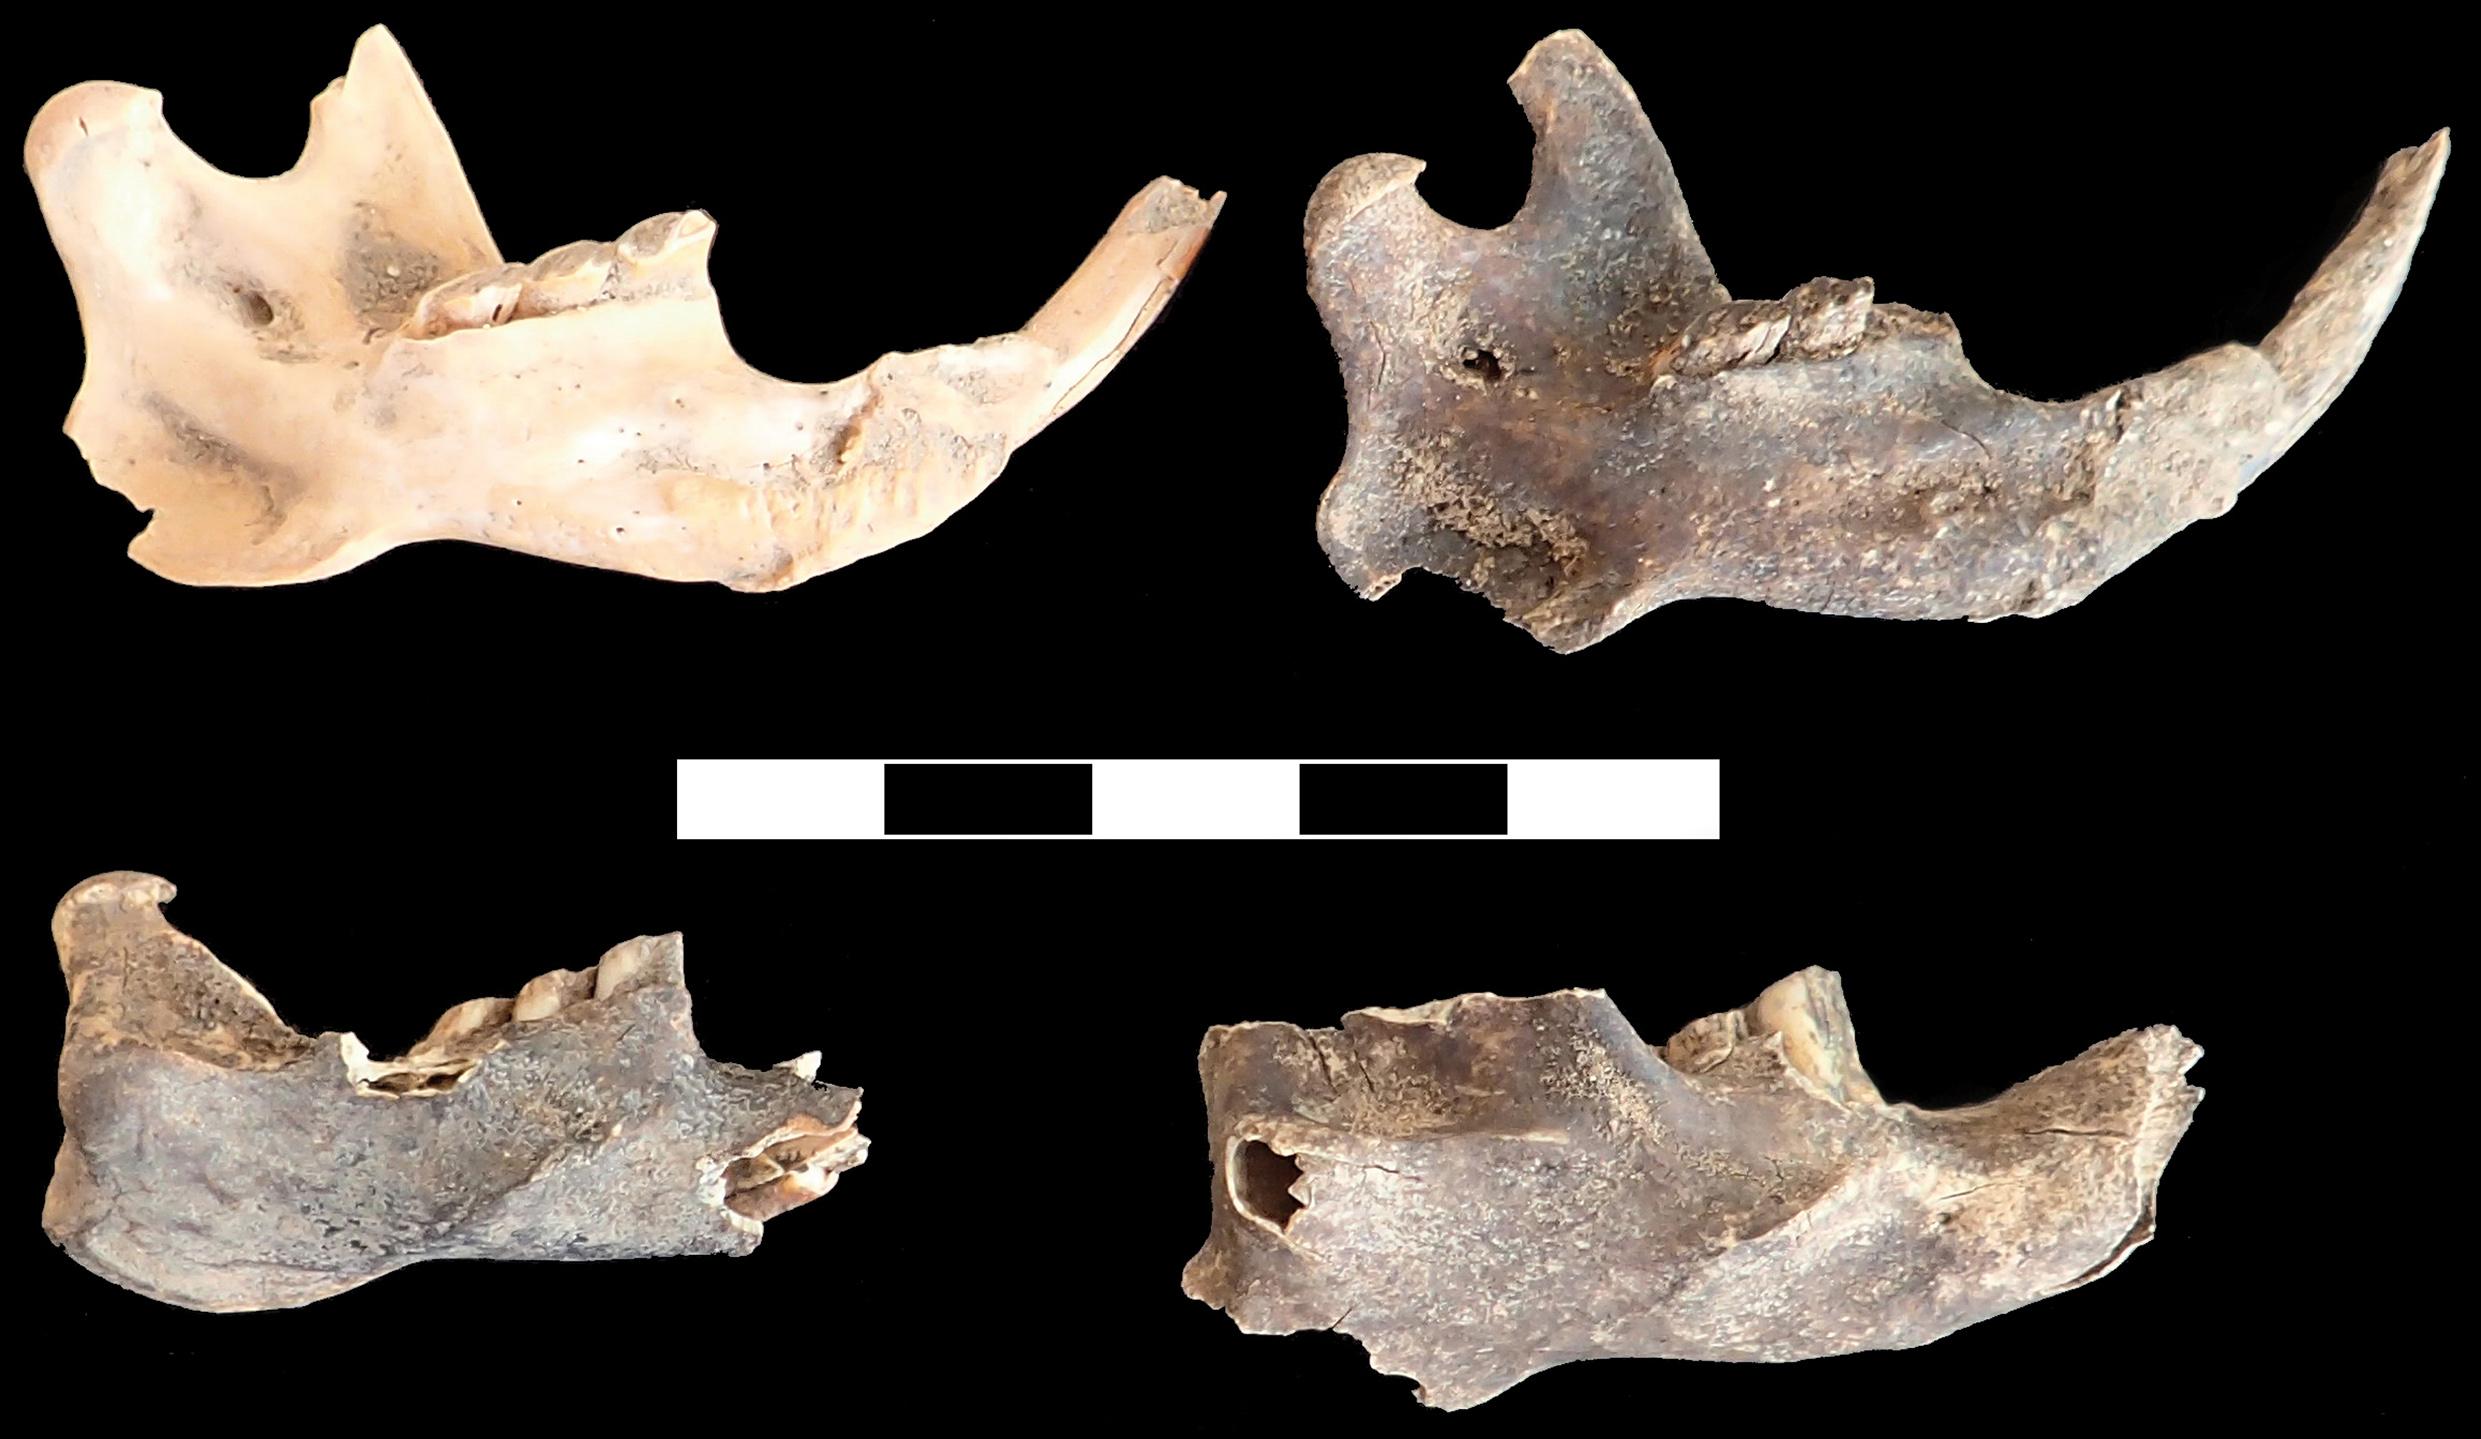 In den Middle Stone Age-Schichten gefundene Unterkiefer der in der afroalpinen Zone endemischen Riesenmaulwurfsratte (Tachyoryctes macrocephalus), der Hauptnahrungsquelle der prähistorischen Bewohner der Bale Mountains. Bild: Götz Ossendorf